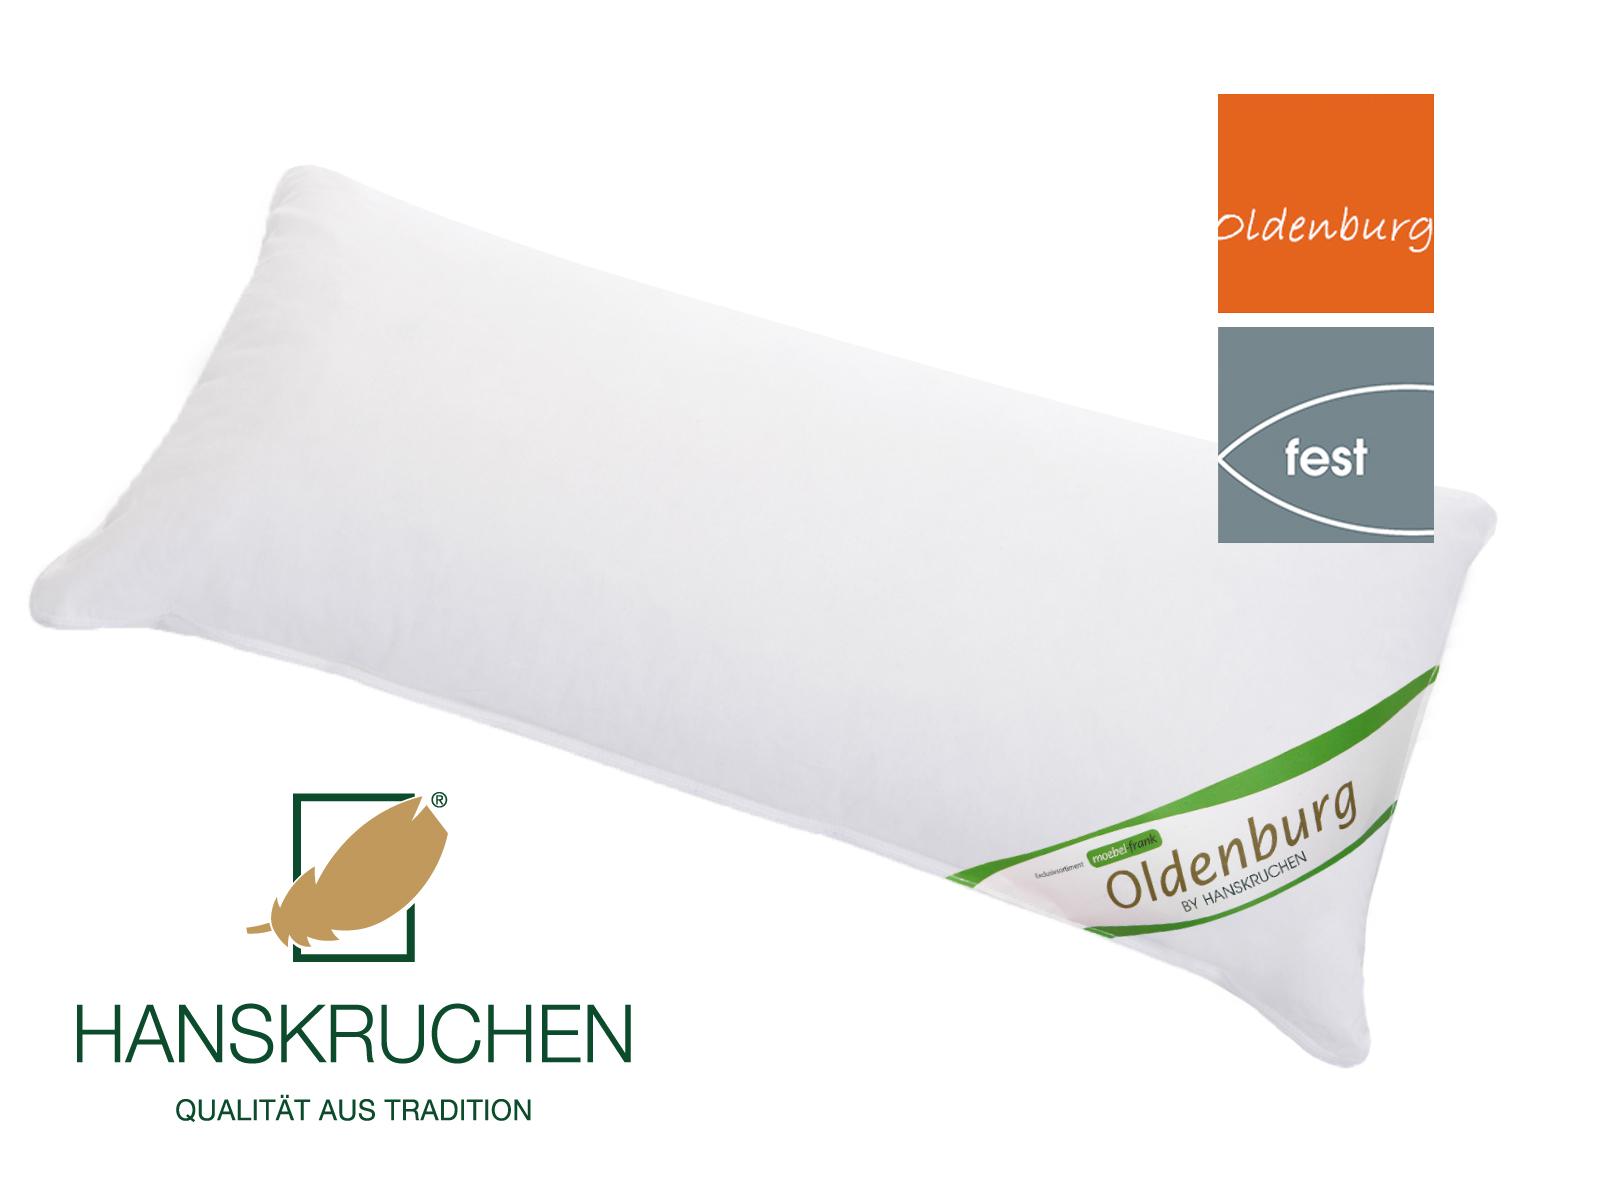 Kopfkissen neue weiße Landdaune und -federn Baumwolle Oldenburg 80x80cm und 40x80cm Hanskruchen – Bild 4